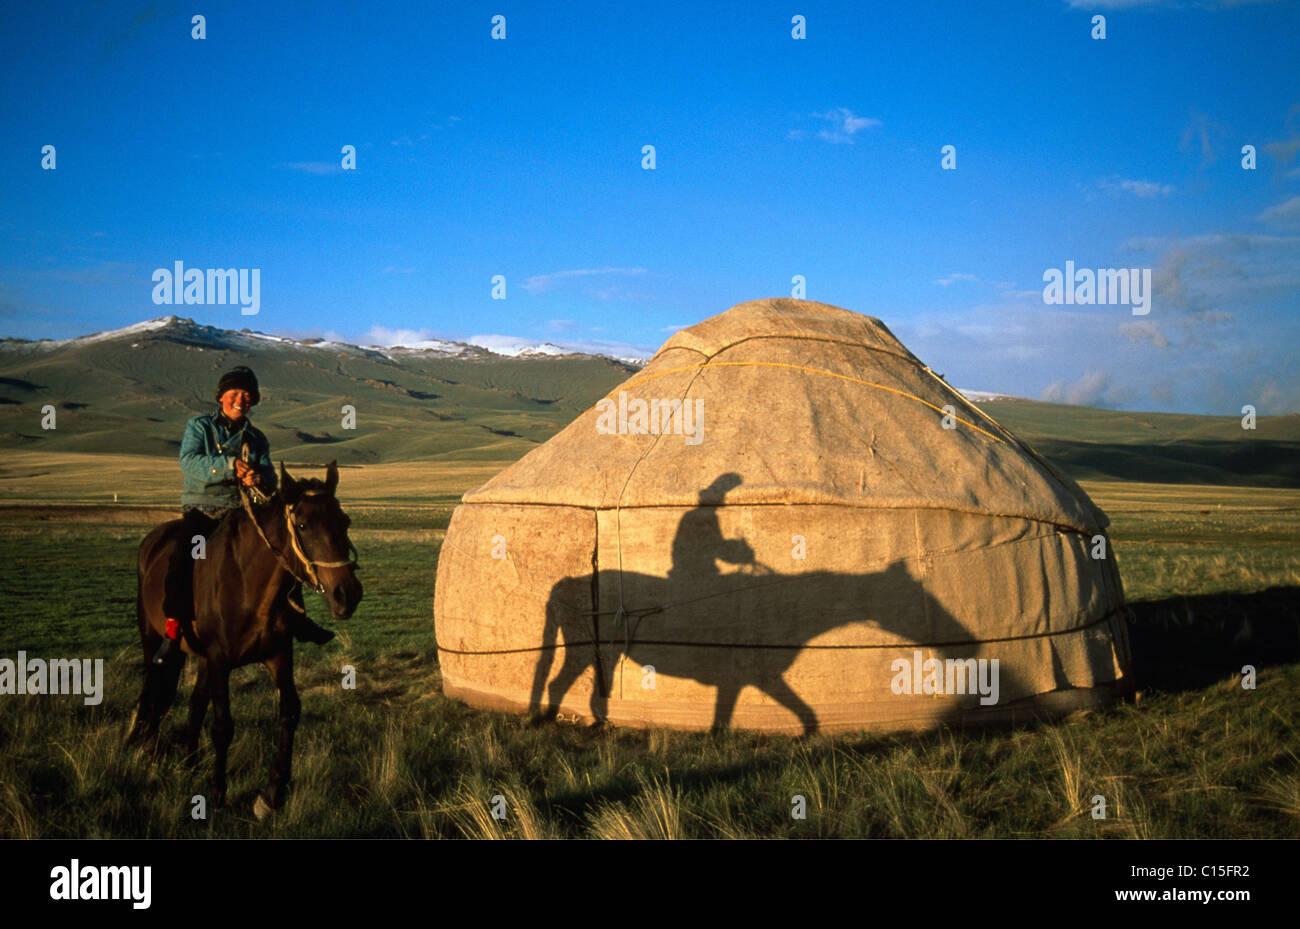 Pferd und Reiter vor einer Jurte, Verein? zu Mountain Range, Song-Kul, Kirgisien, Zentralasien Stockbild